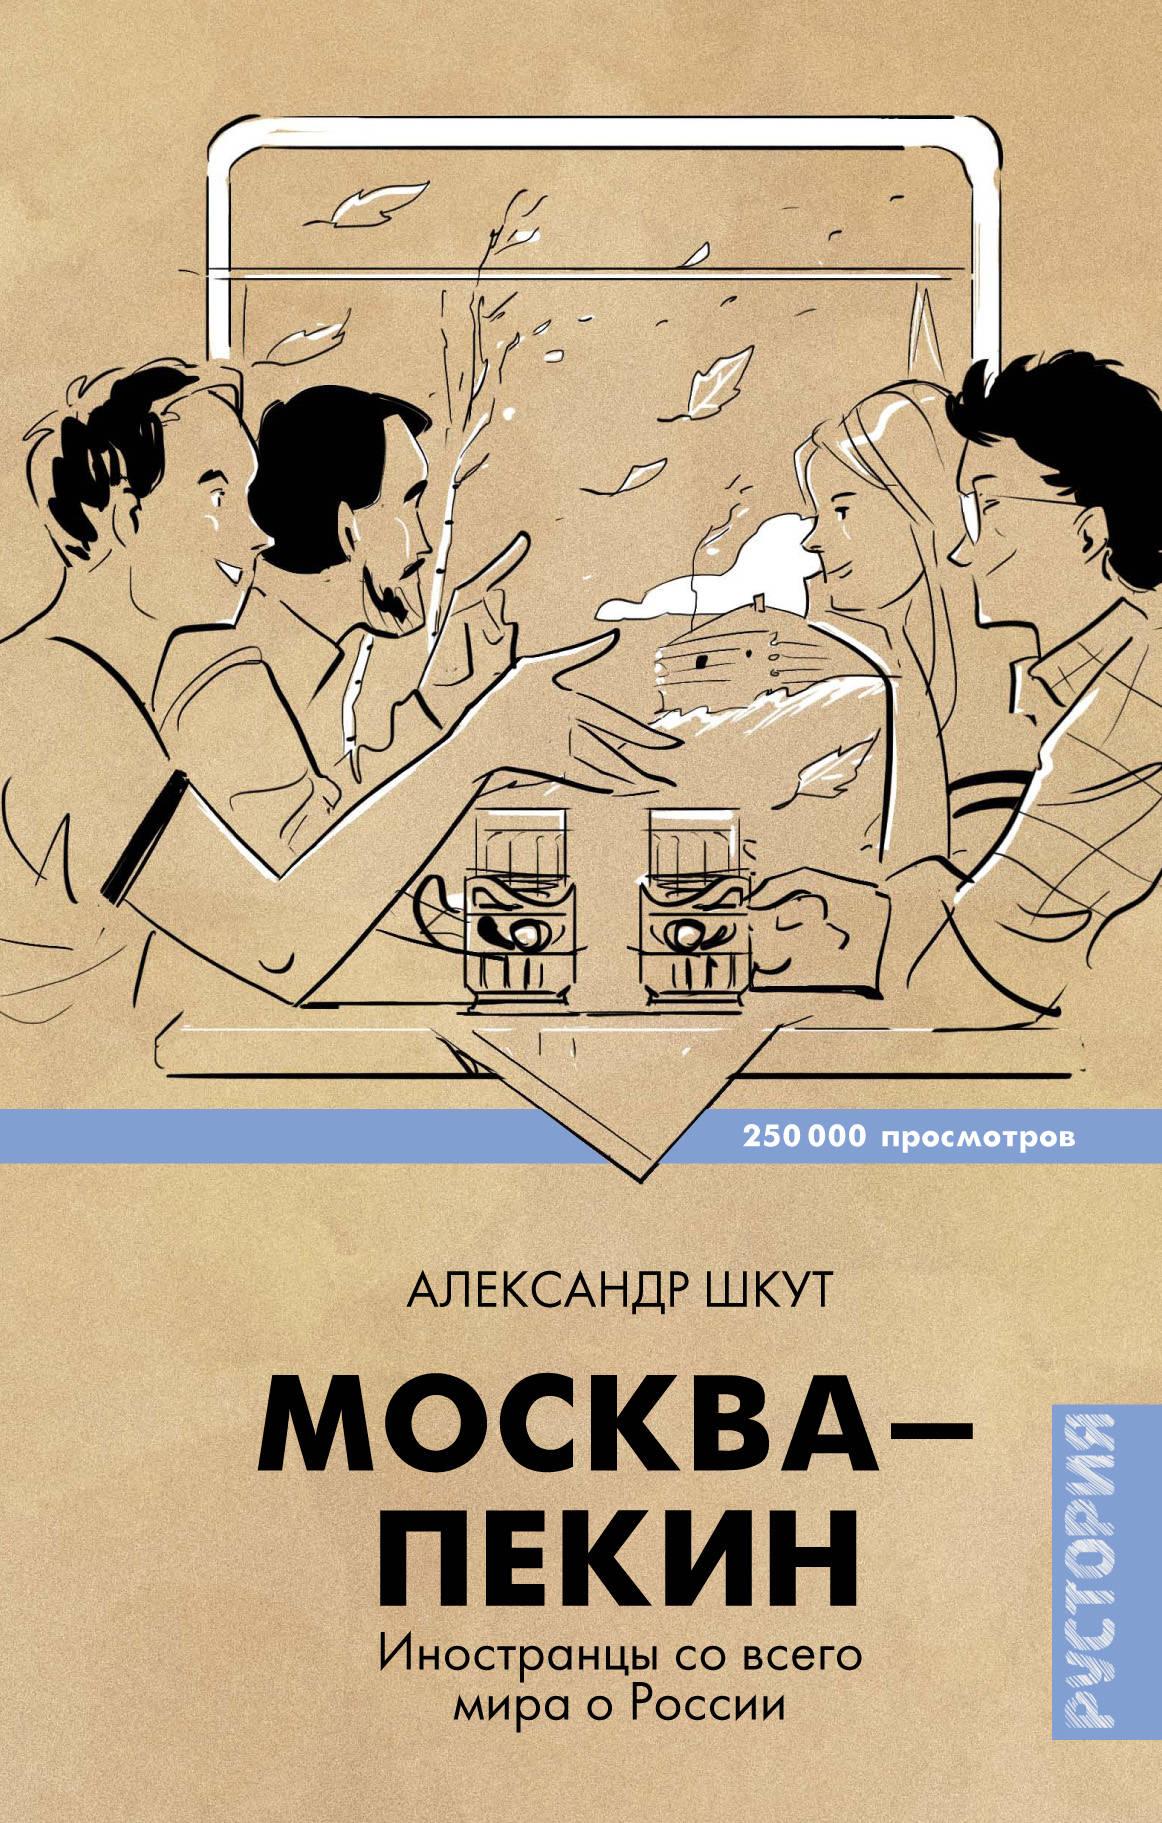 Шкут Александр Москва-Пекин лампочки для гетц москва где